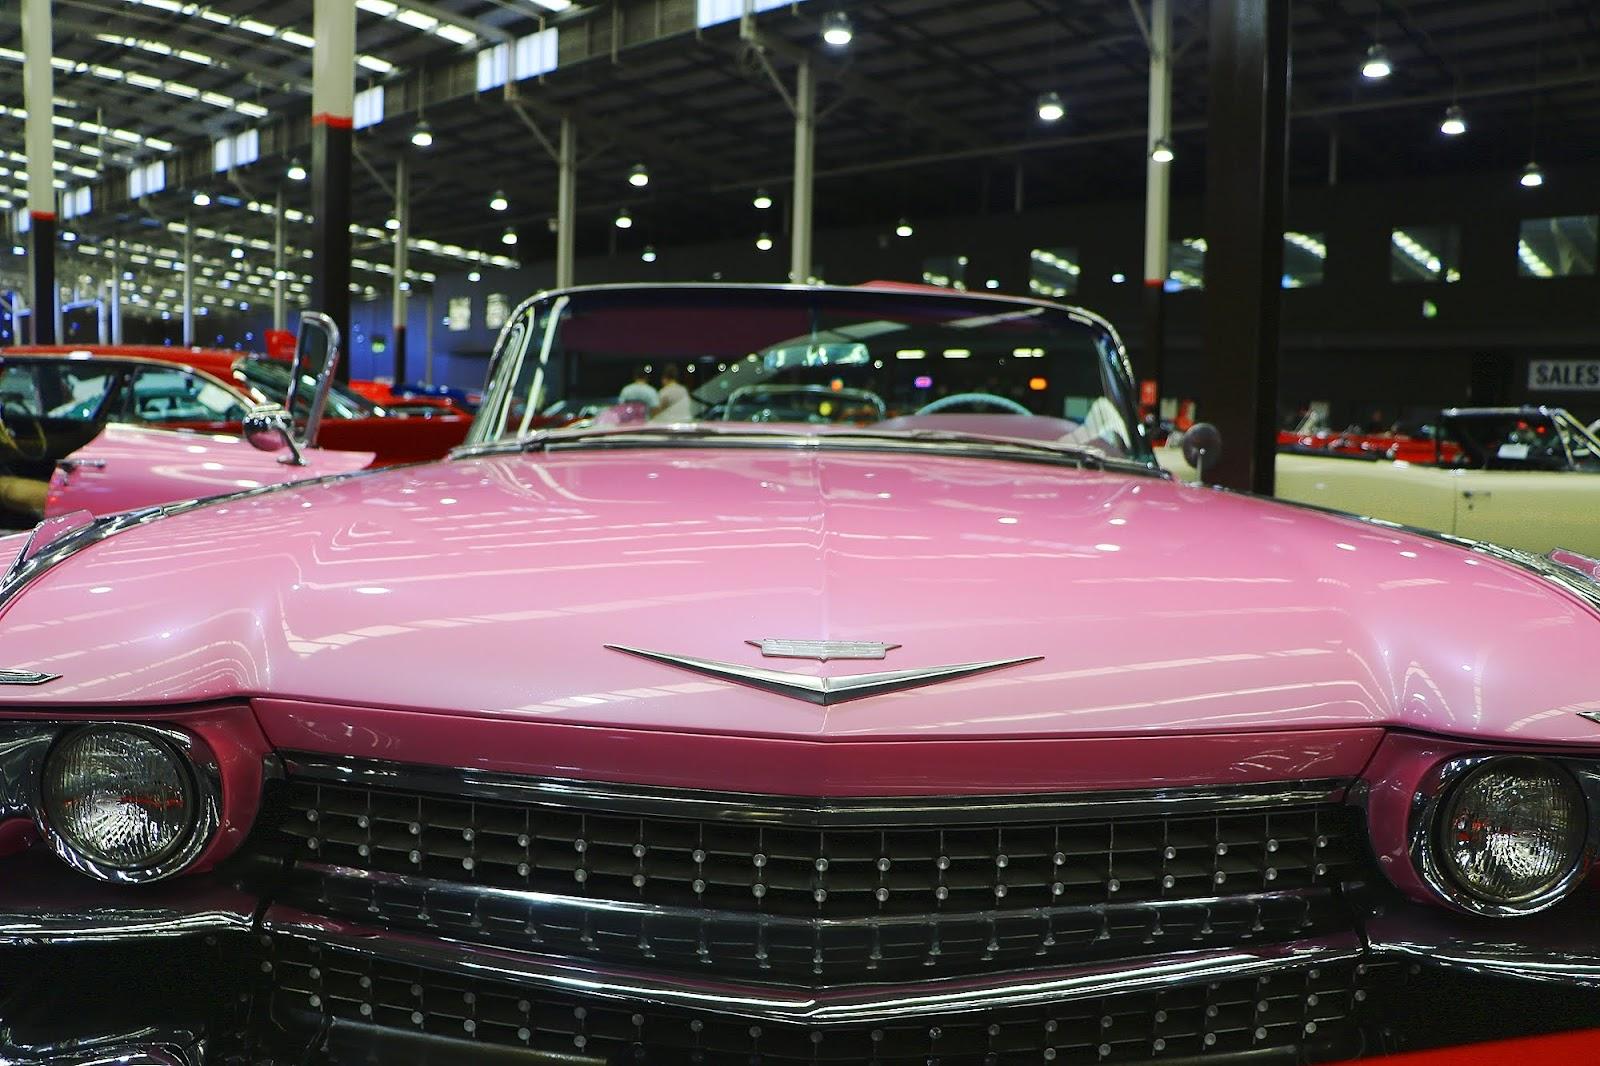 1962 Cadillac Series 62 Convertible (06).jpg